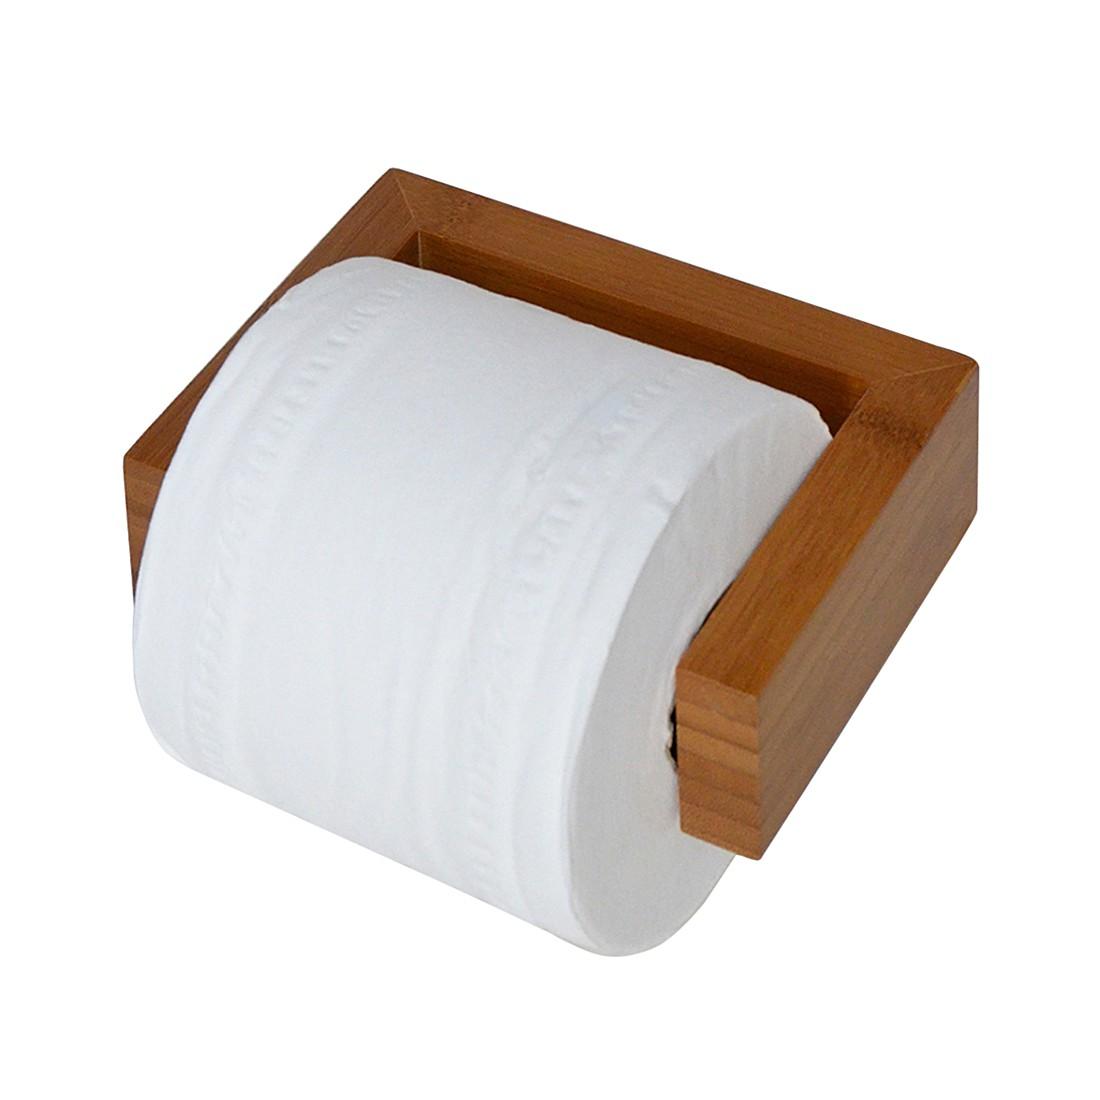 Toilettenpapierhalter Arena – Bambus, Wireworks günstig bestellen